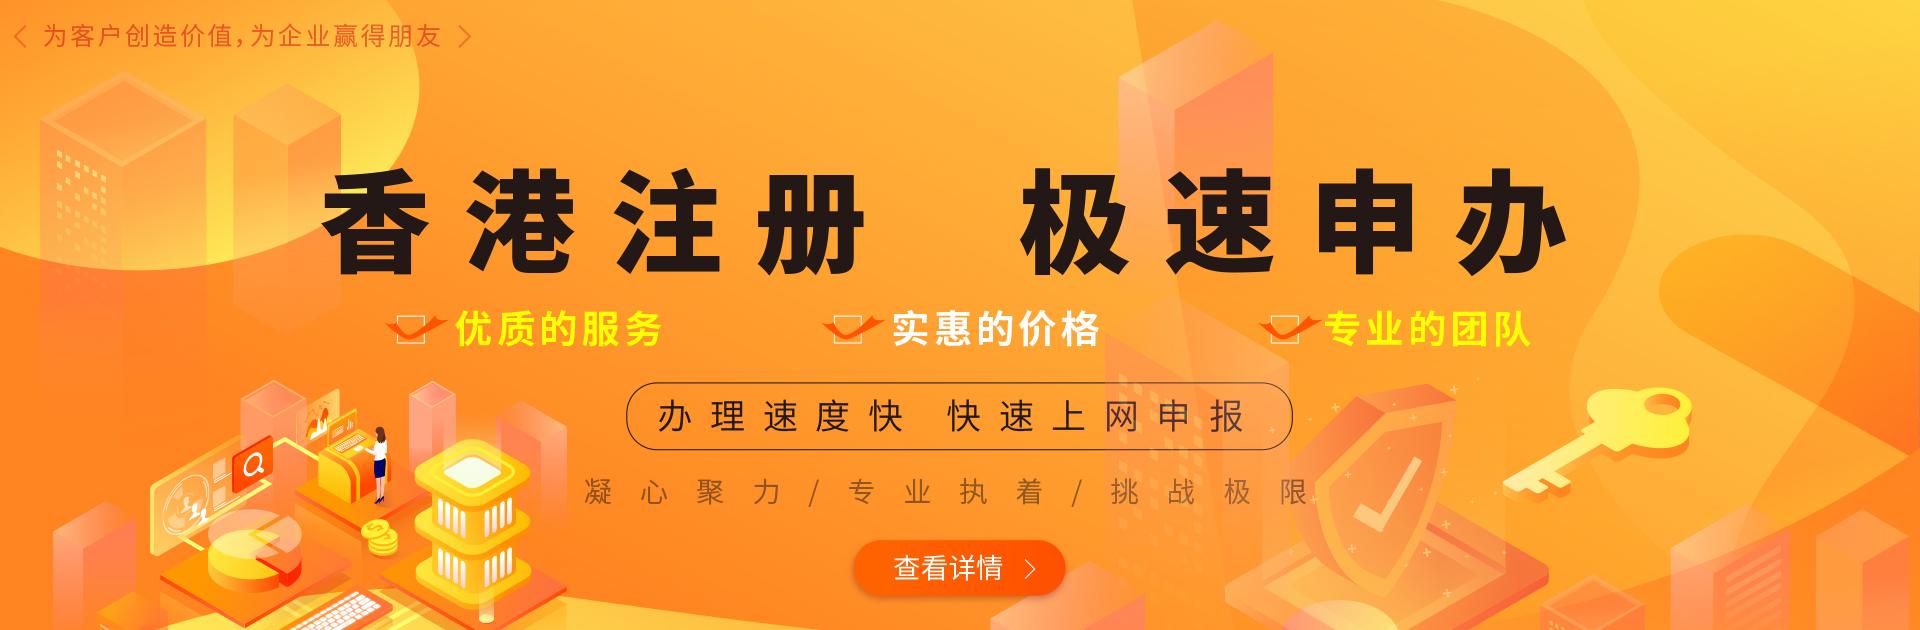 香港公司注册_代办离岸公司(企业)登记-万事惠